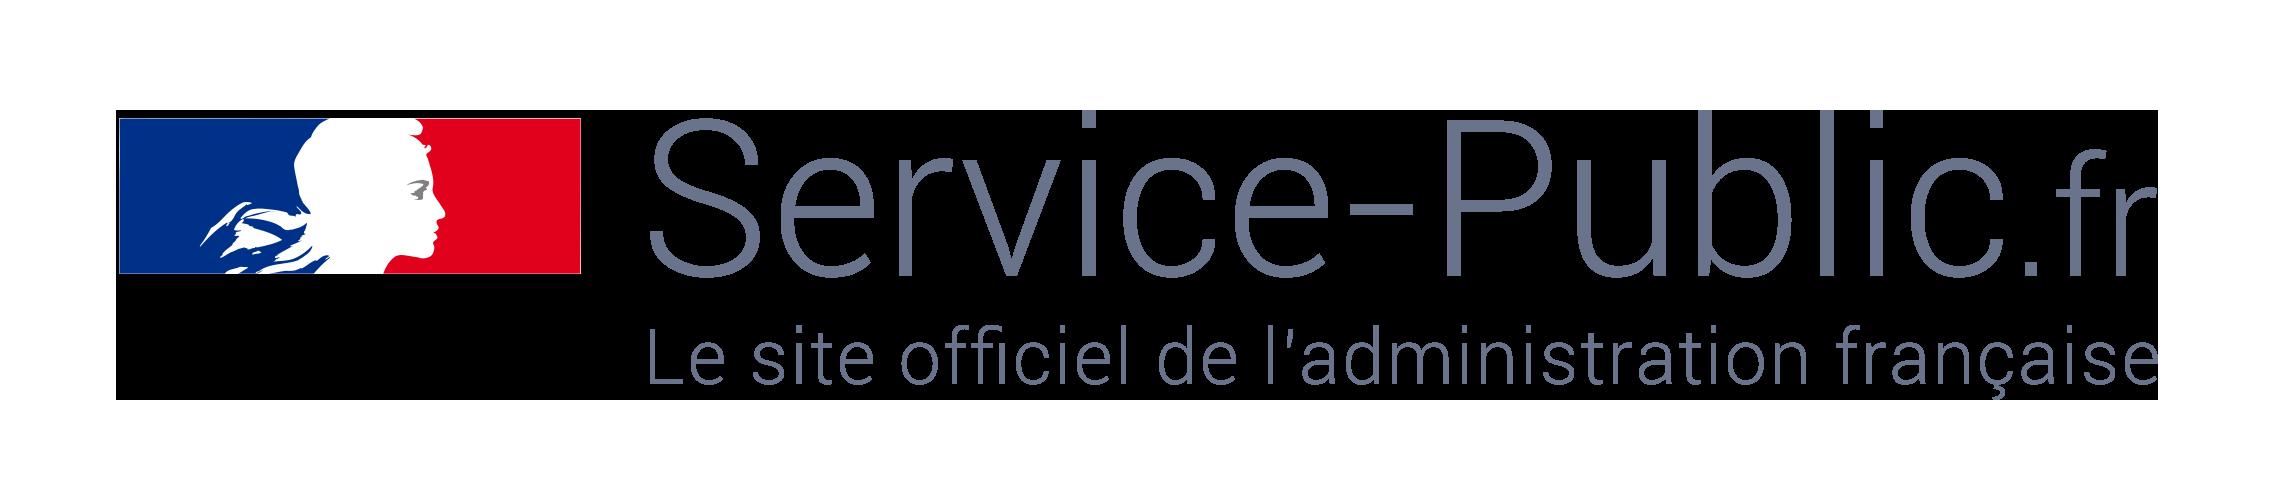 Service Public administration française